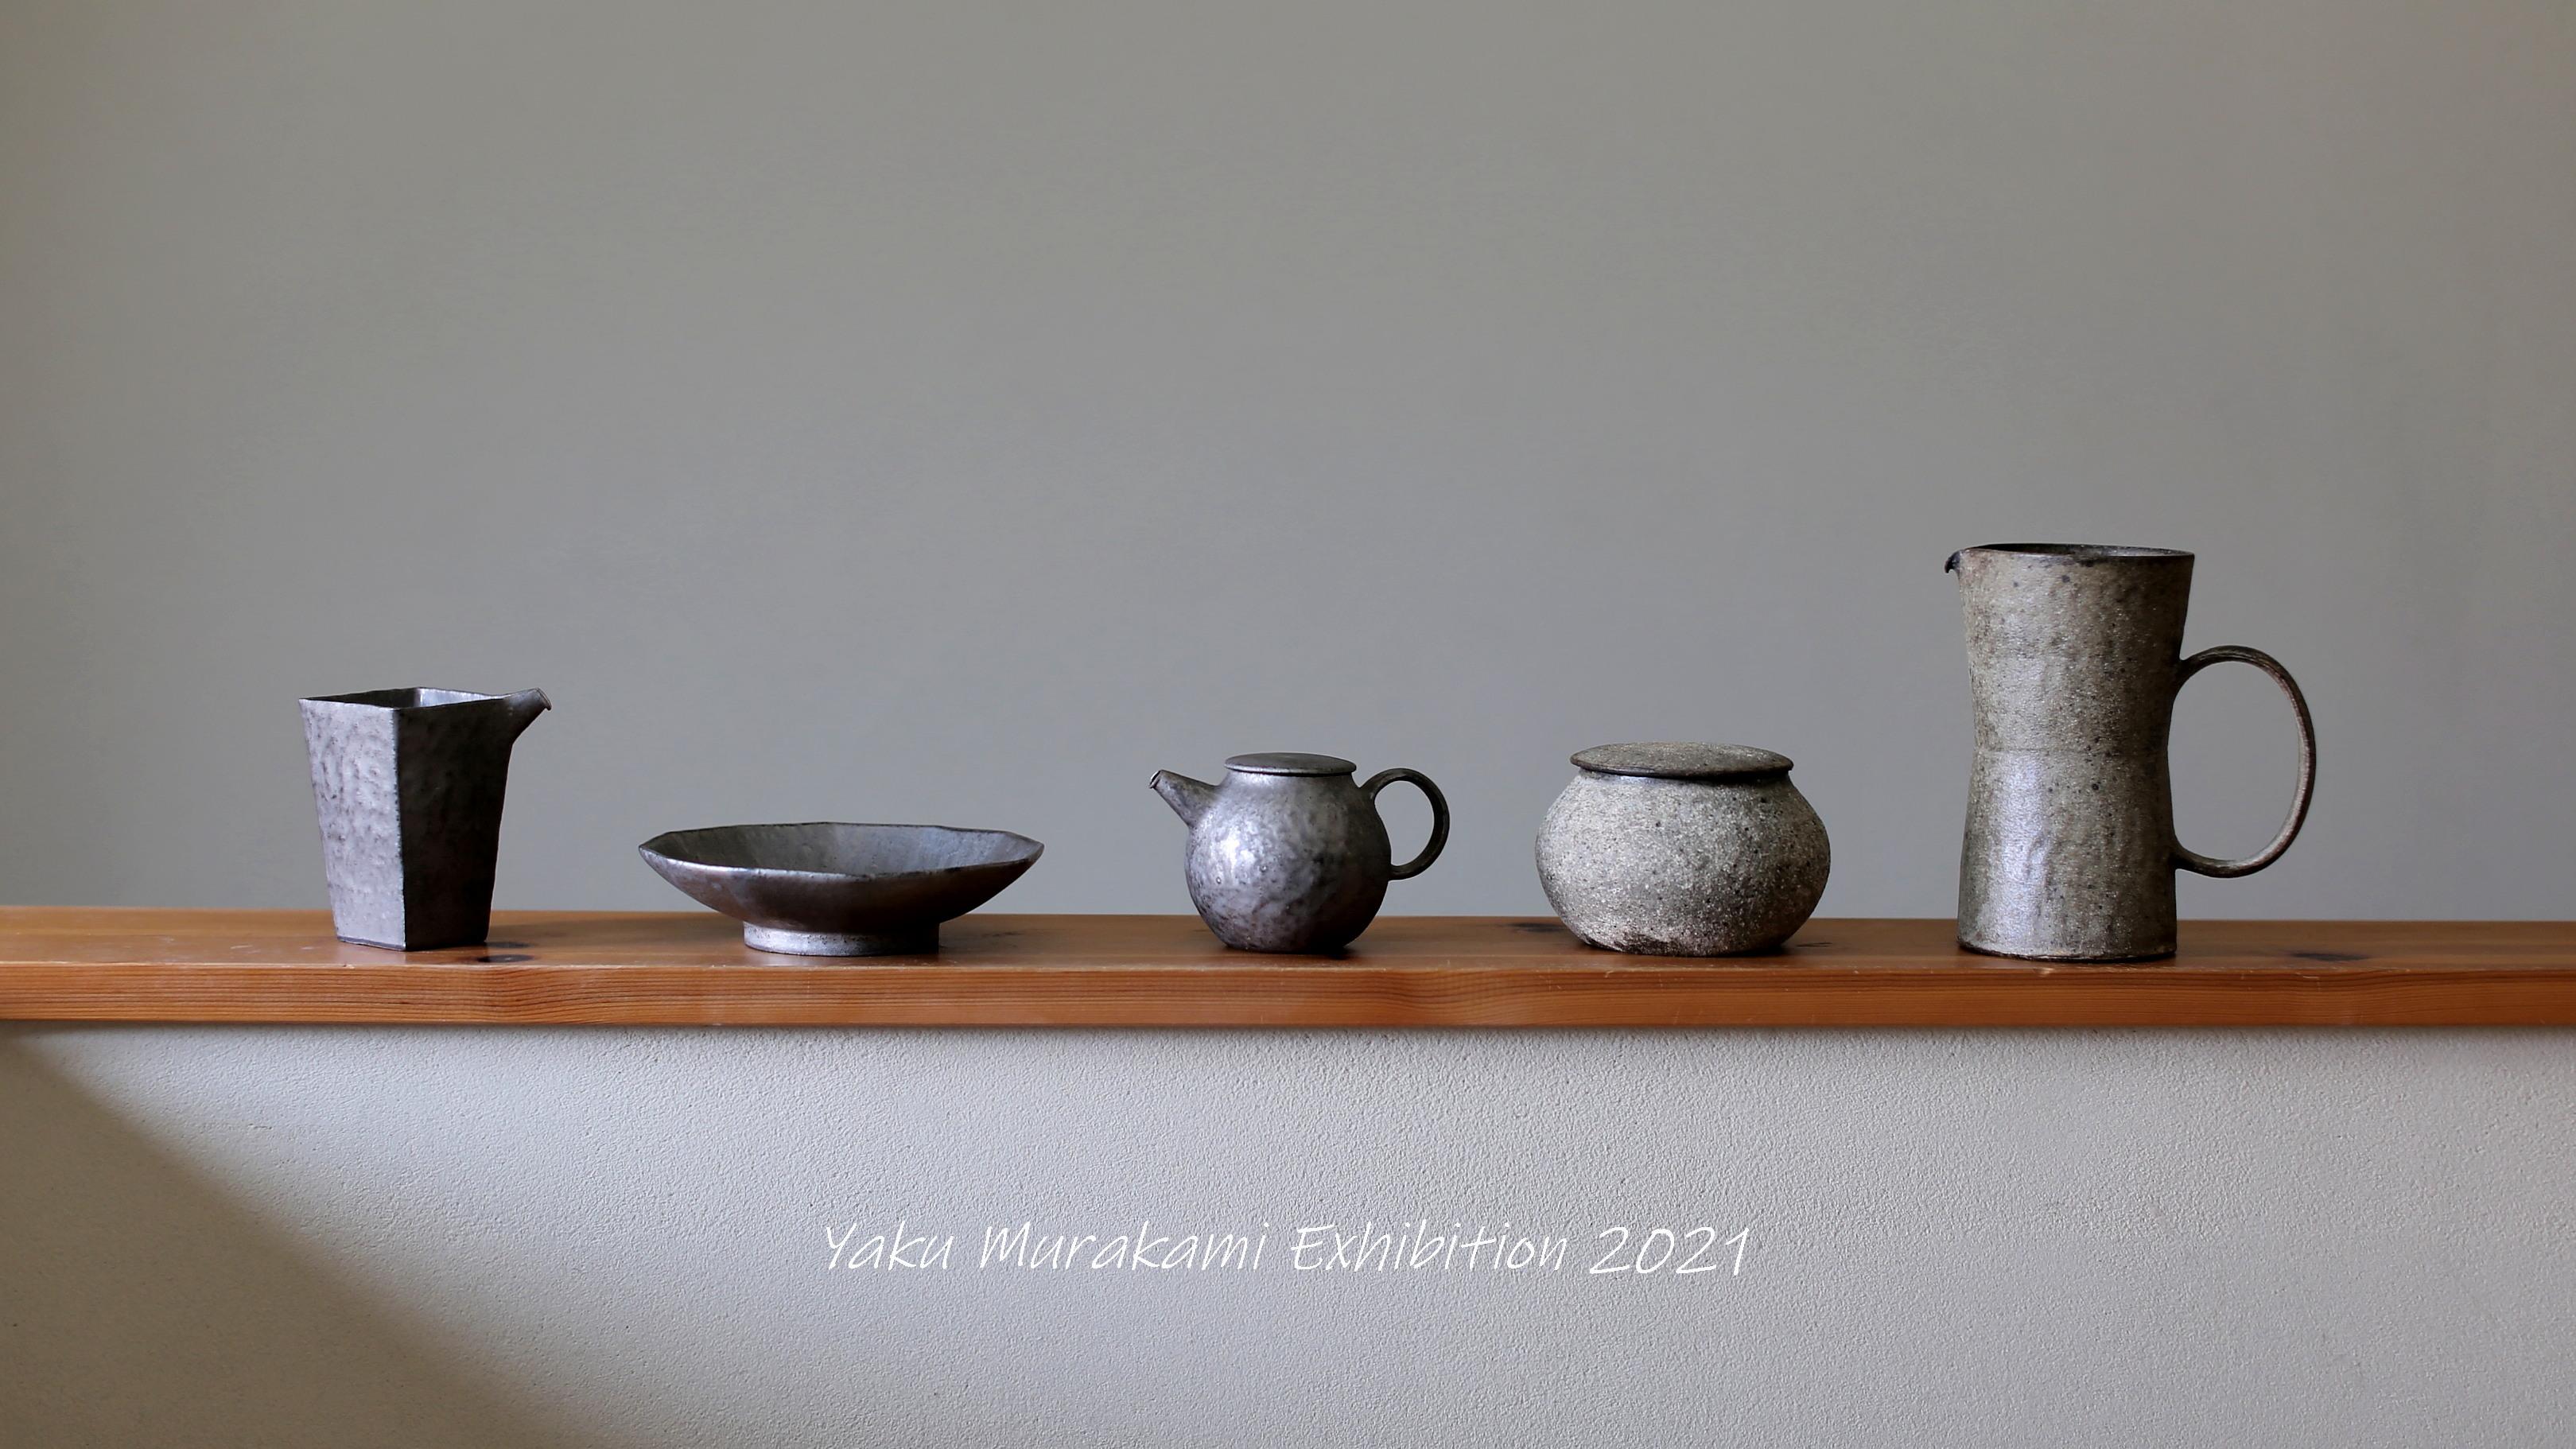 Yaku Murakami Exhibition